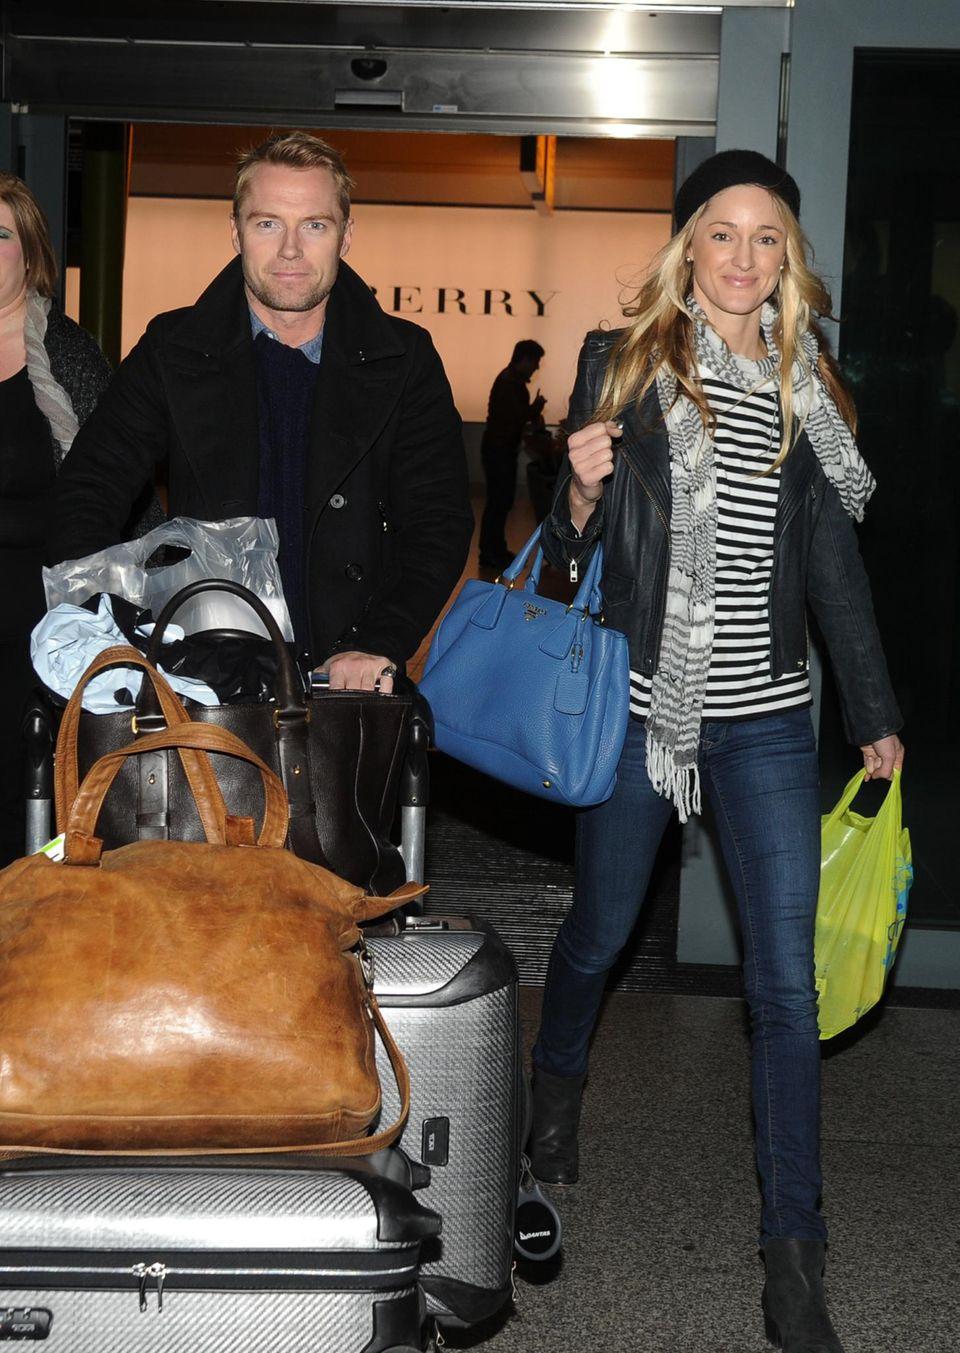 Ronan Keating und Storm Uechtritz kommen am Flughafen in London Heathrow an.